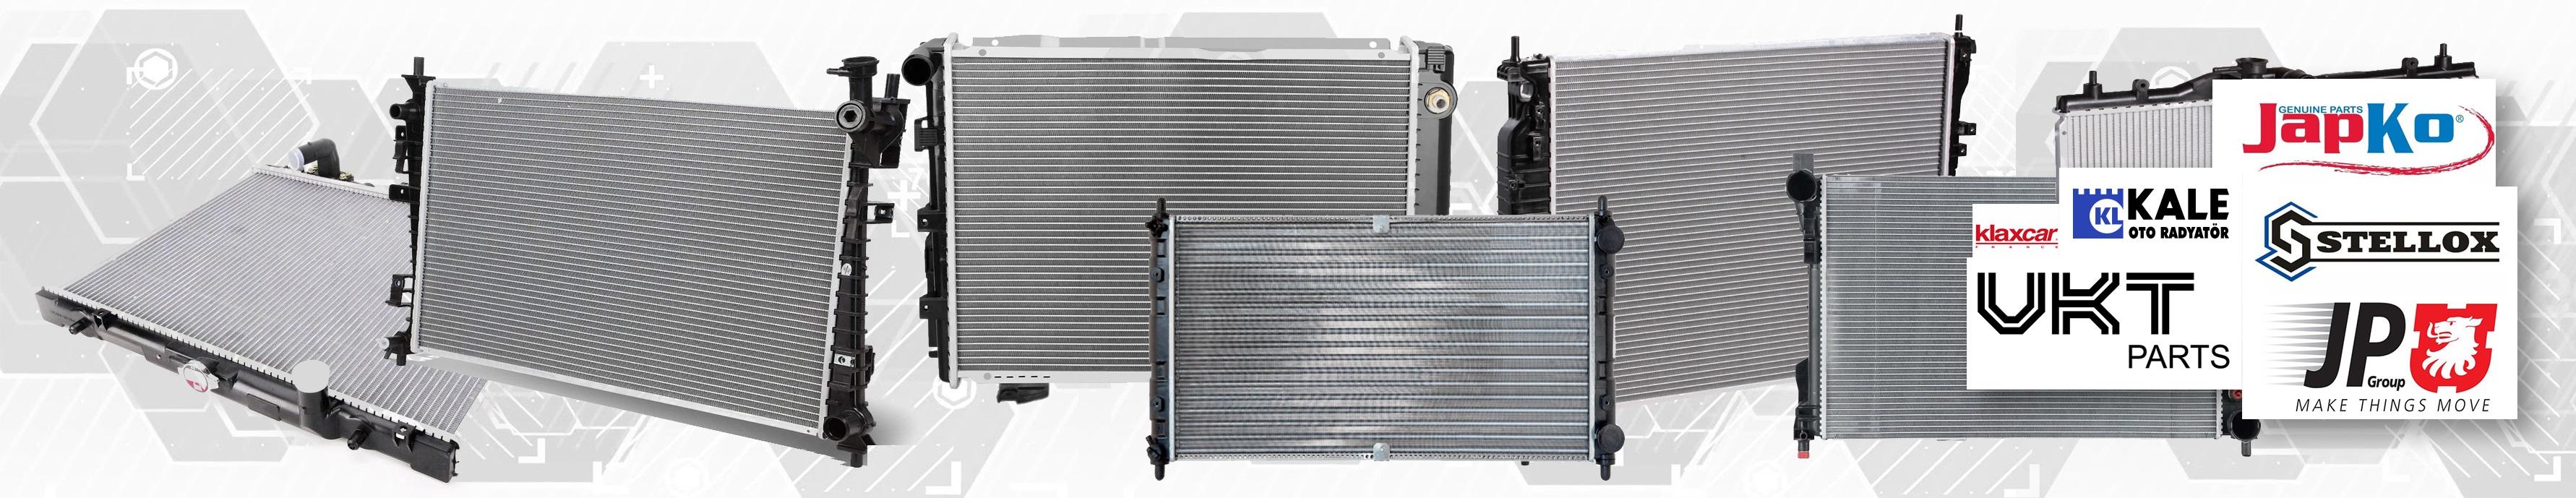 купить радиатор охлаждения двигателя в Калининграде